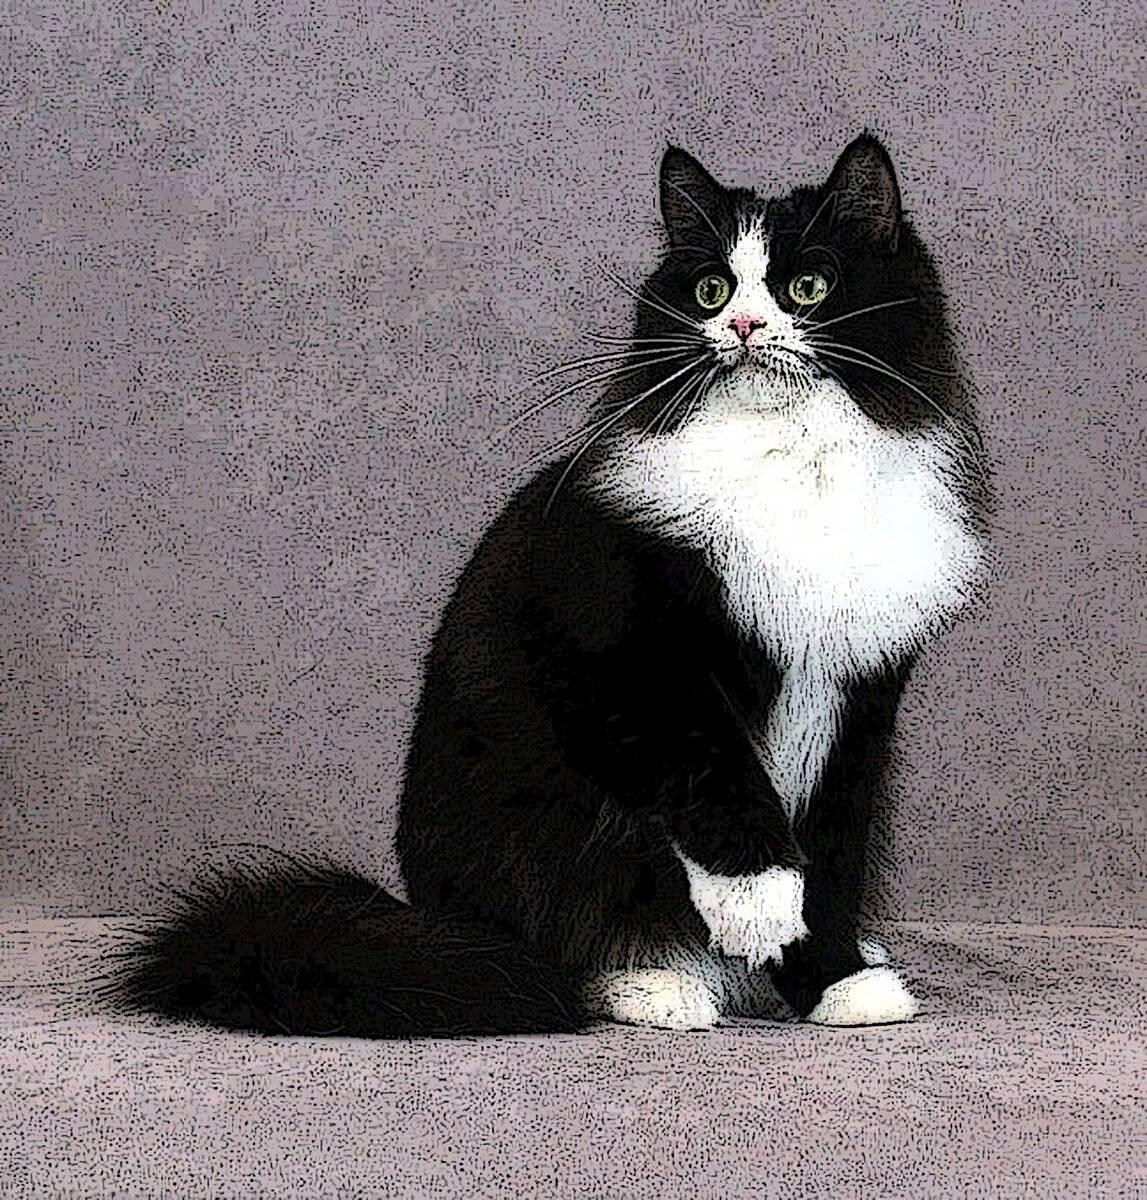 Черно-белые коты и кошки: описание и характеристика породы